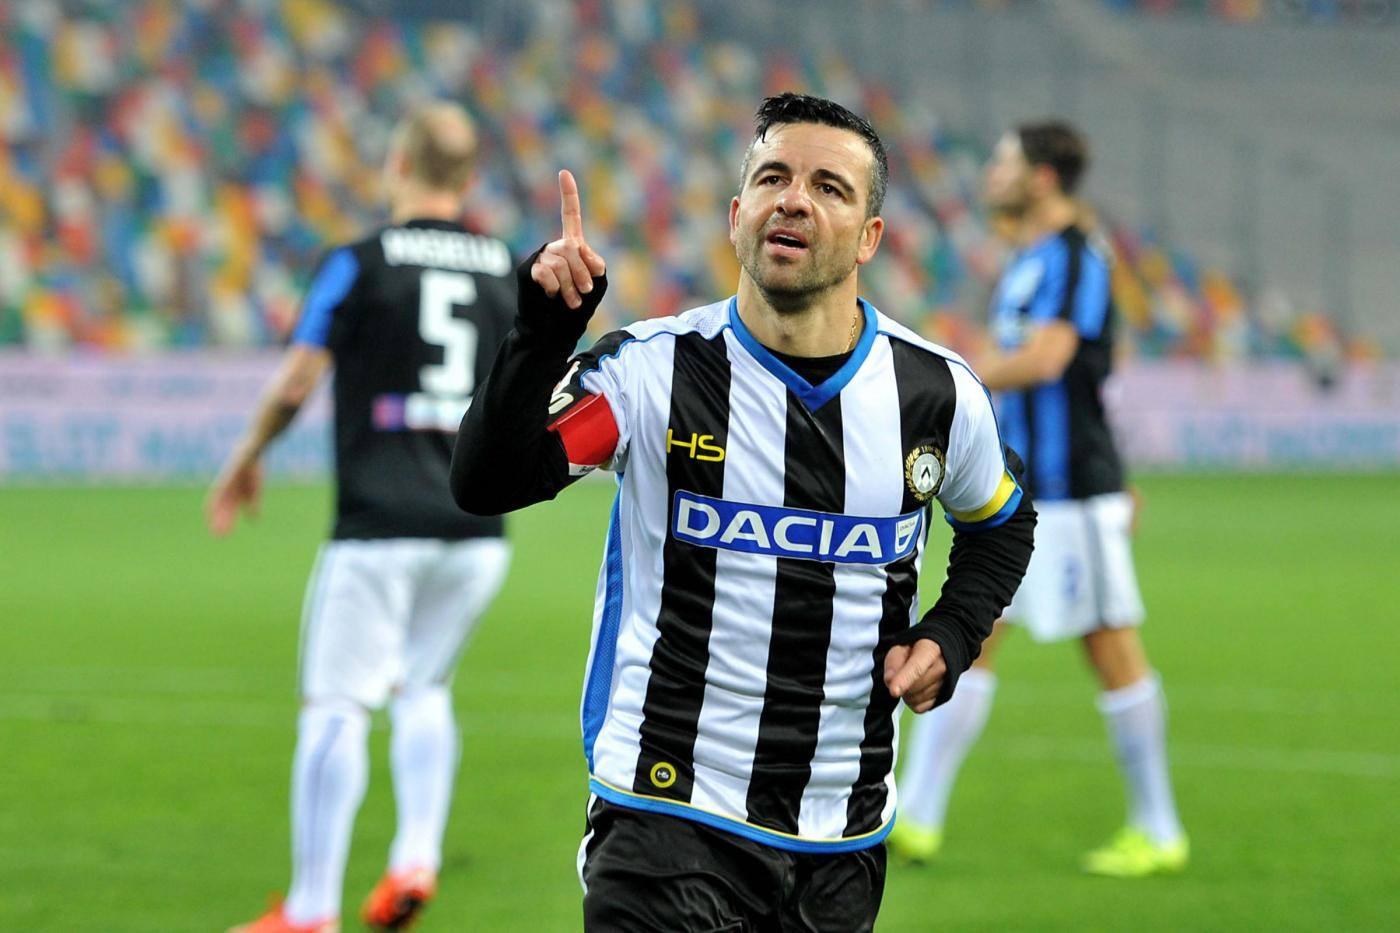 """Di Natale: """"La Juve è favorita, ma Inter e Napoli hanno fatto un buon mercato"""""""